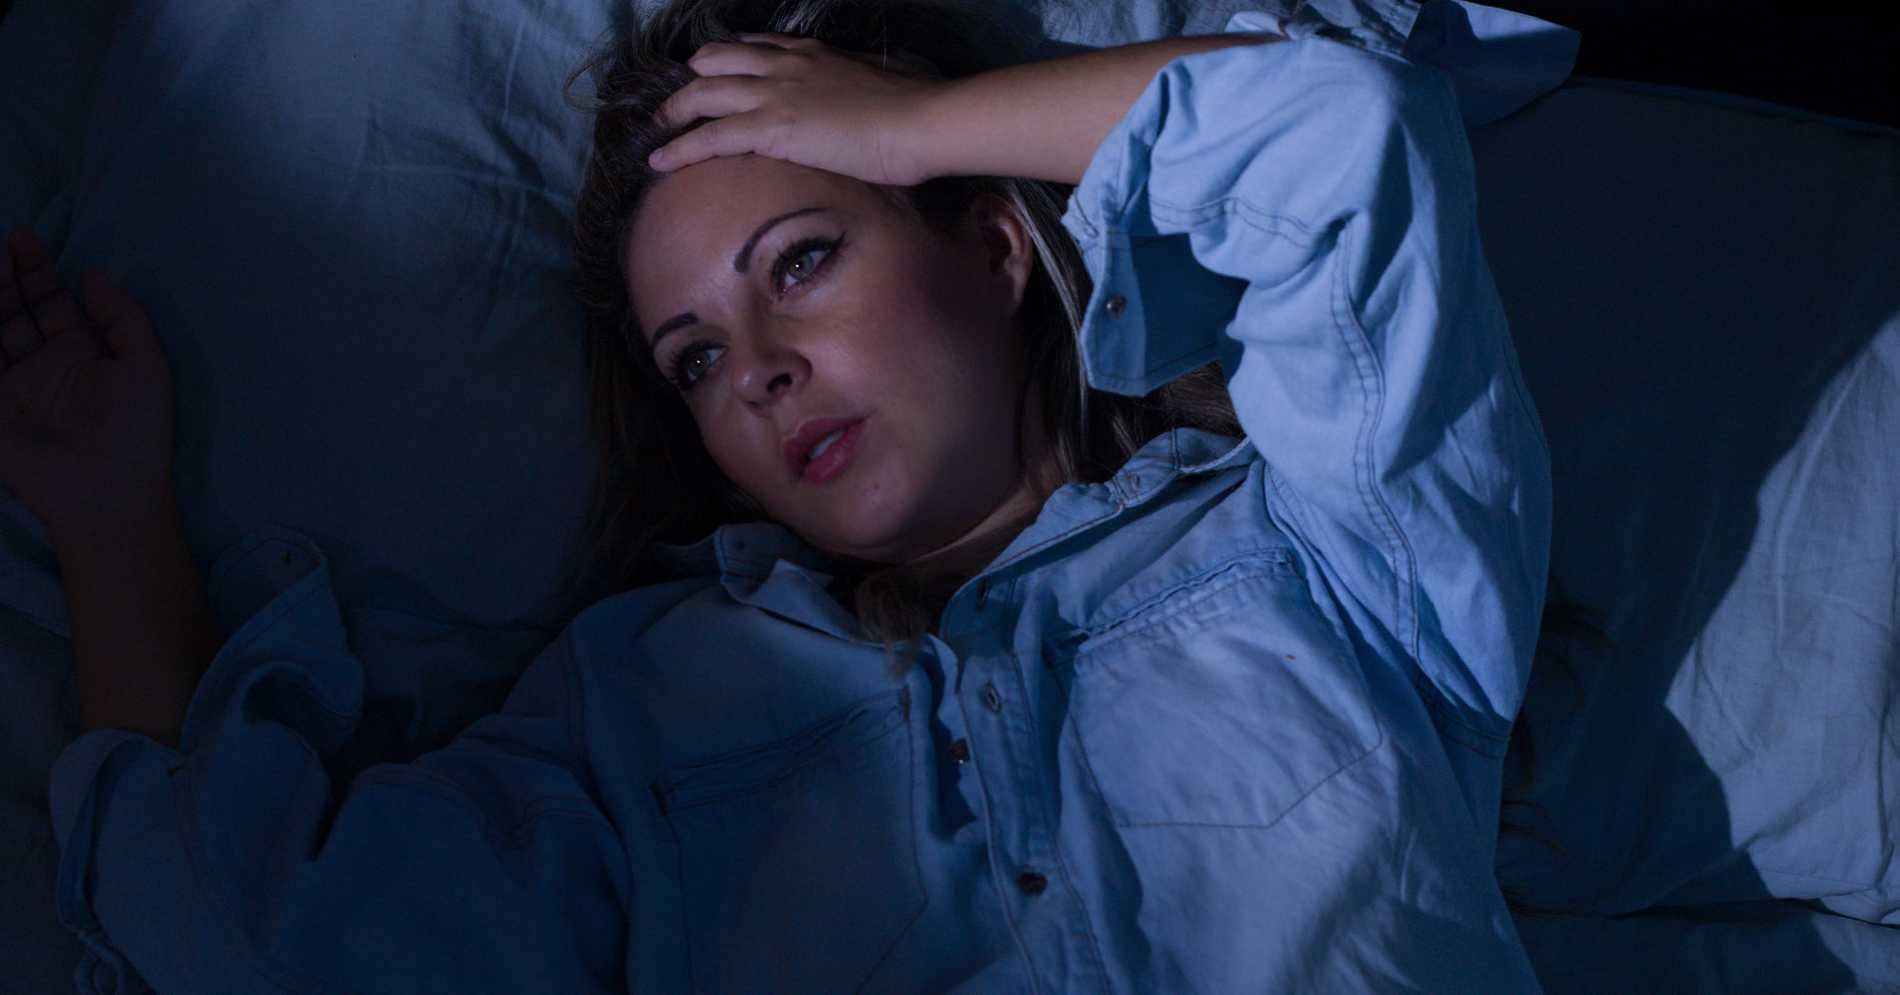 svettas extremt mycket på natten